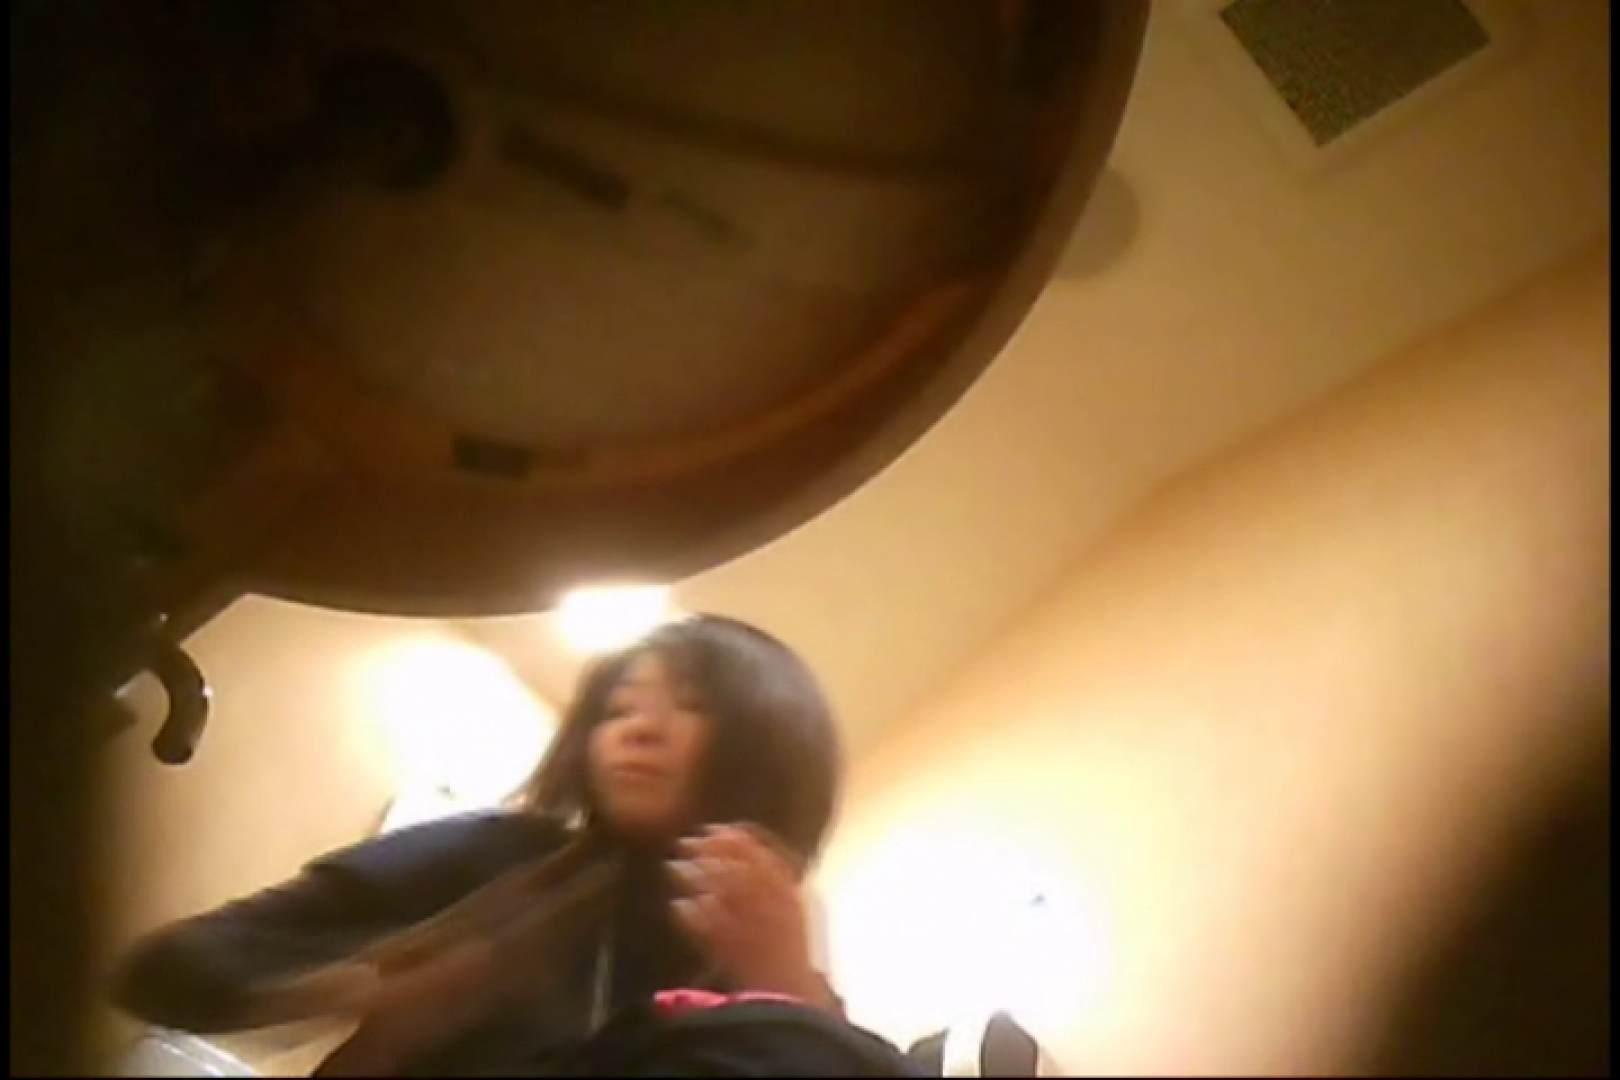 潜入!!女子化粧室盗撮~絶対見られたくない時間~vo,79 美女丸裸 盗み撮り動画キャプチャ 75pic 10